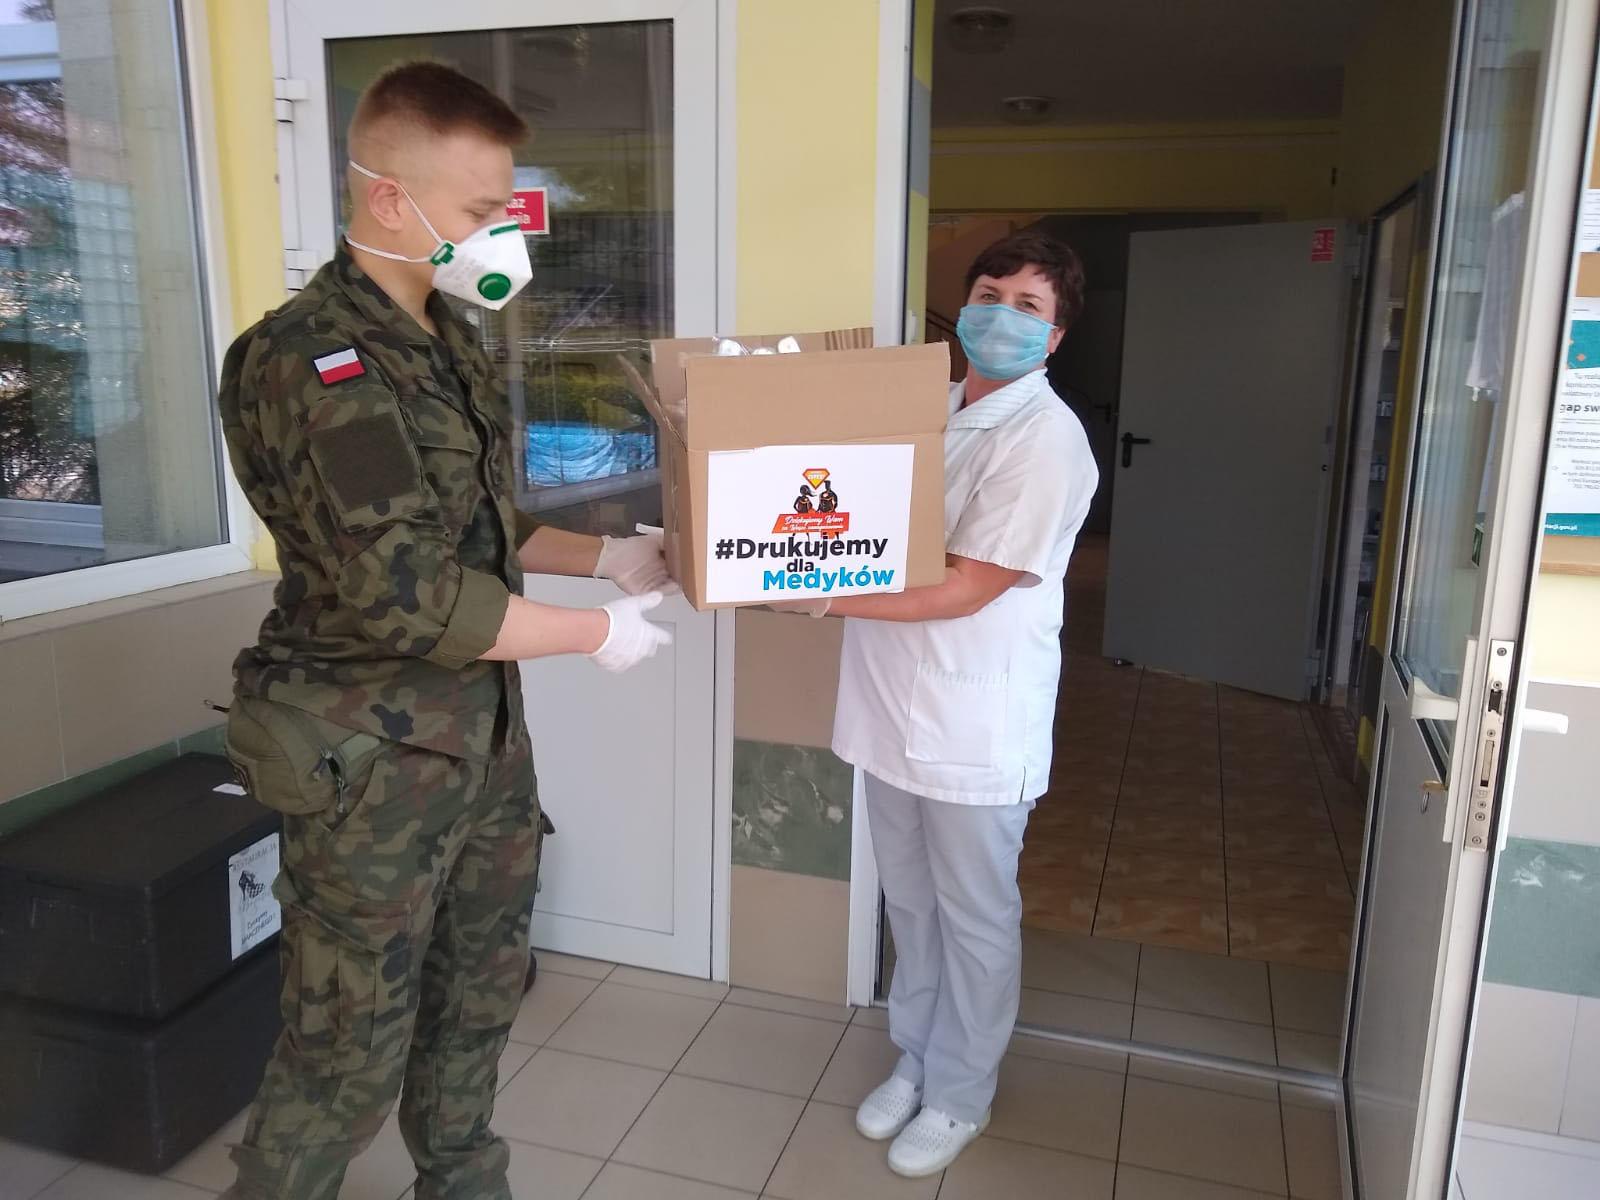 Terytorialsi rozwożą przyłbice dla personelu medycznego podkarpackich szpitali [FOTO] - Zdjęcie główne